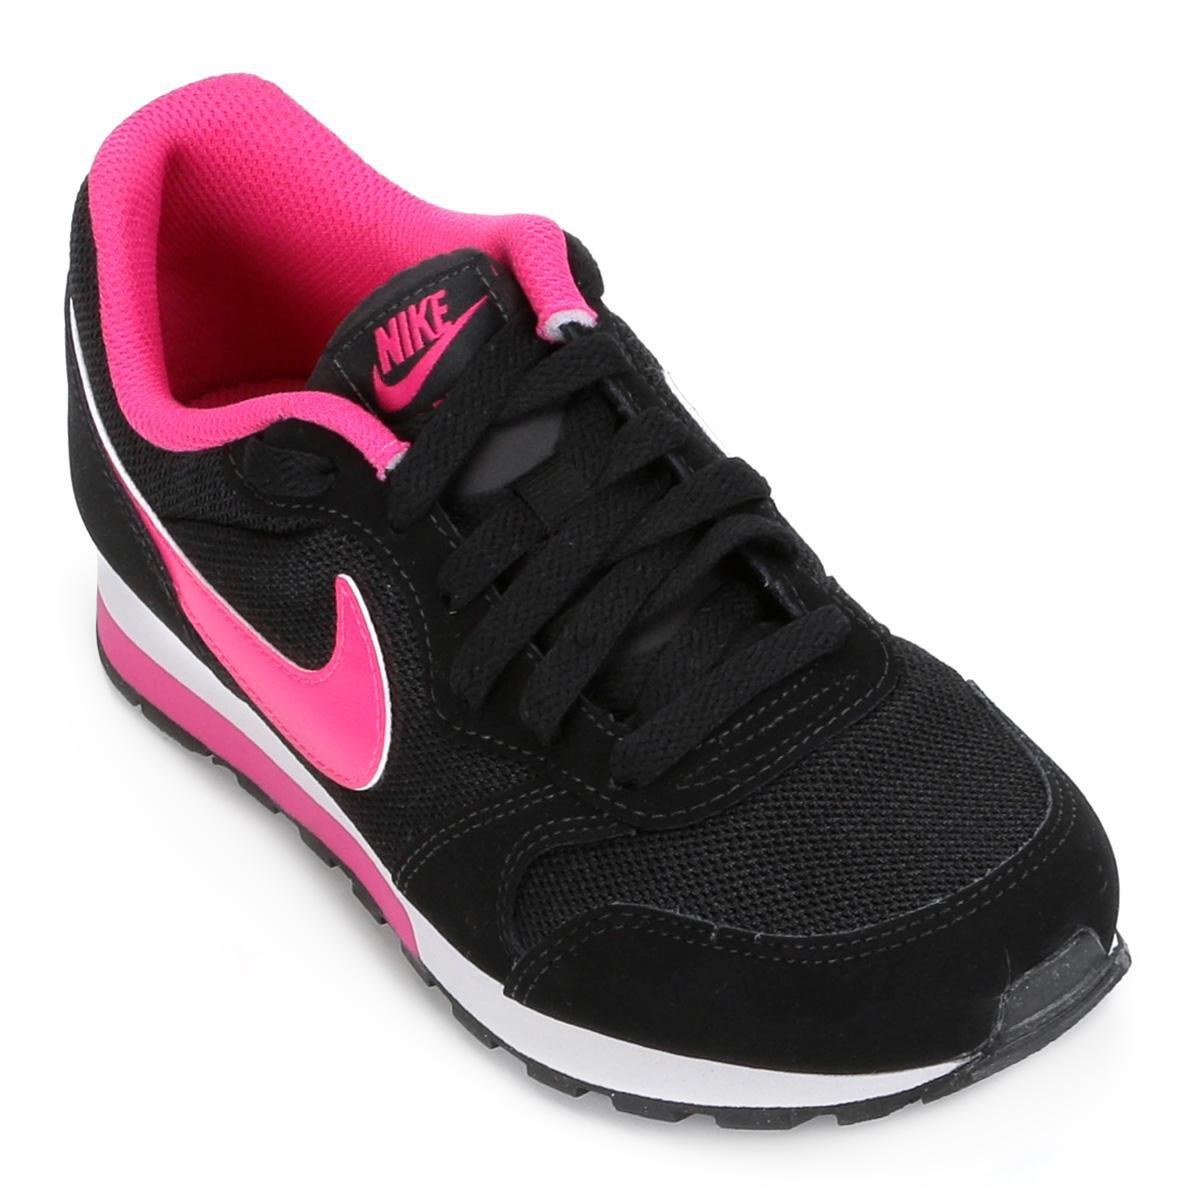 Tênis Infantil Nike Md Runner 2 - Preto e Rosa - Compre Agora  48508c6cb2195